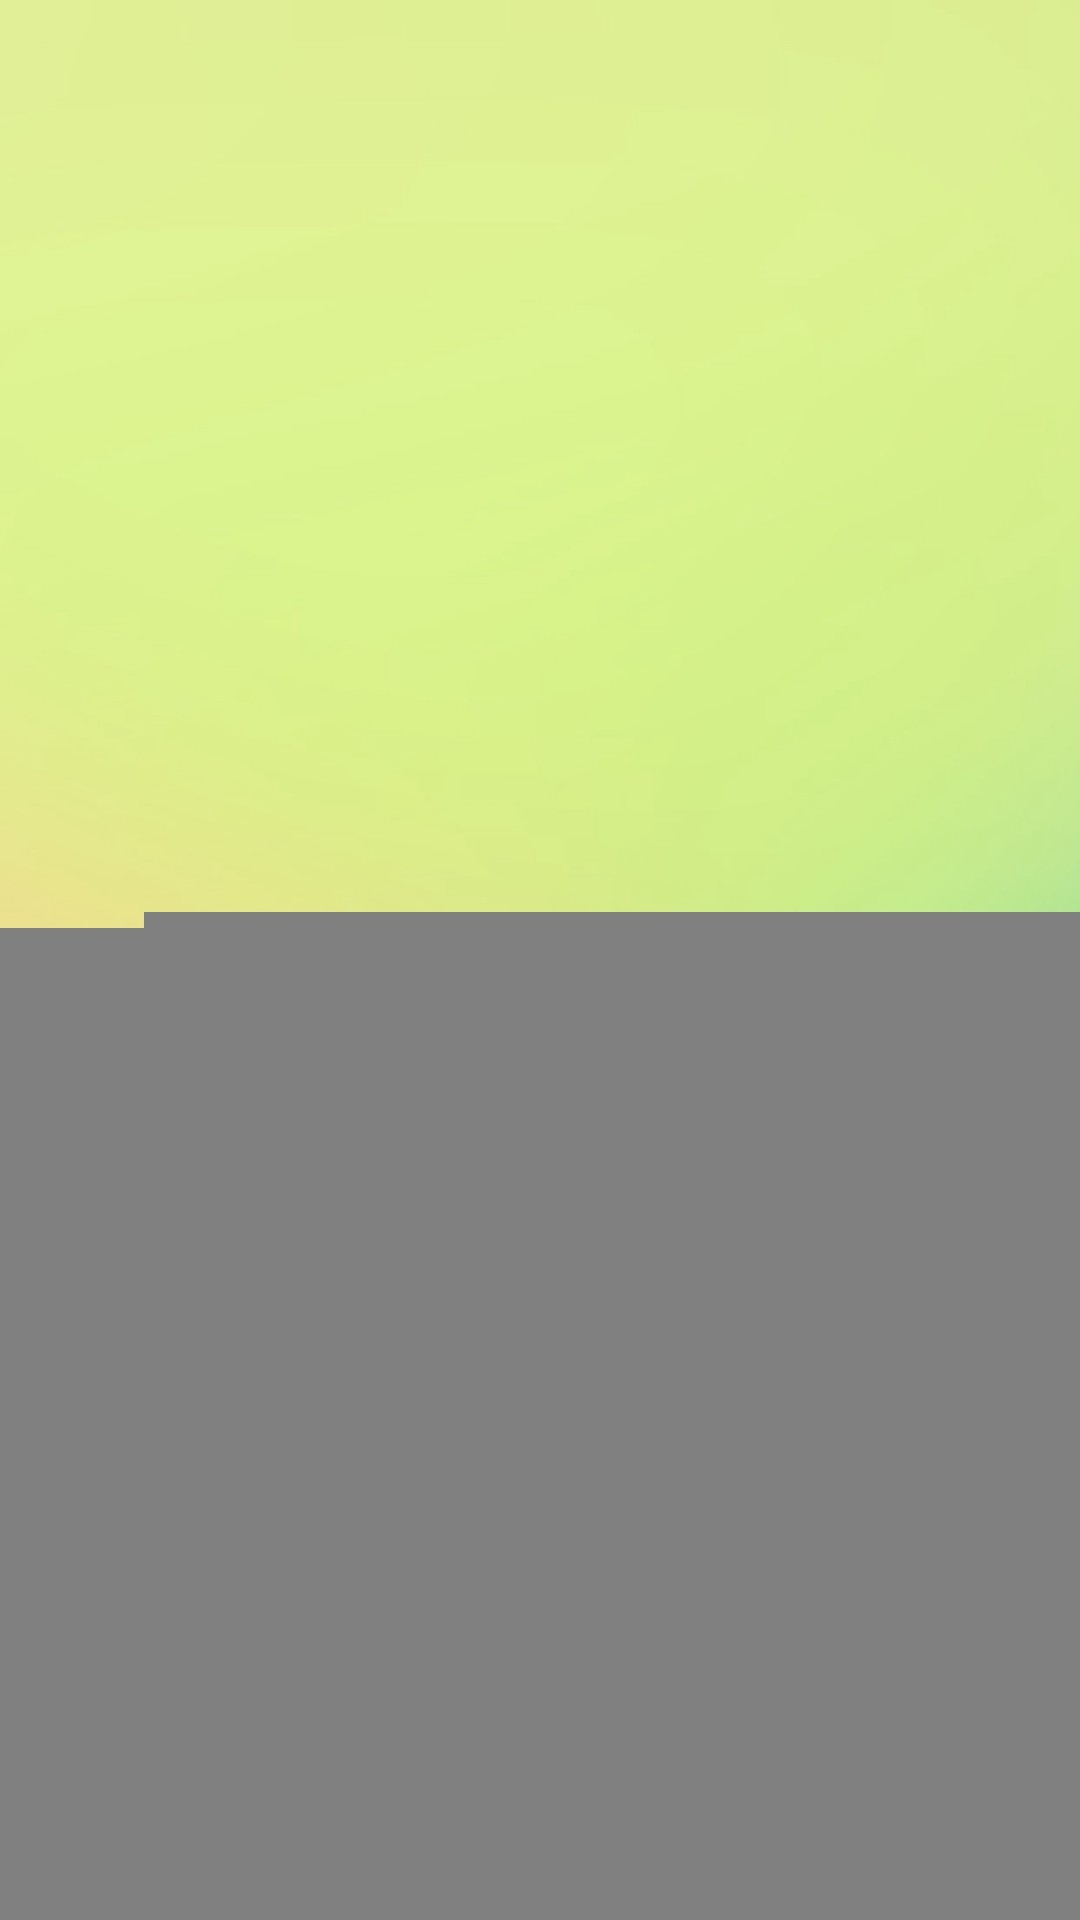 … morning light green gradation blur iphone 8 wallpaper download …